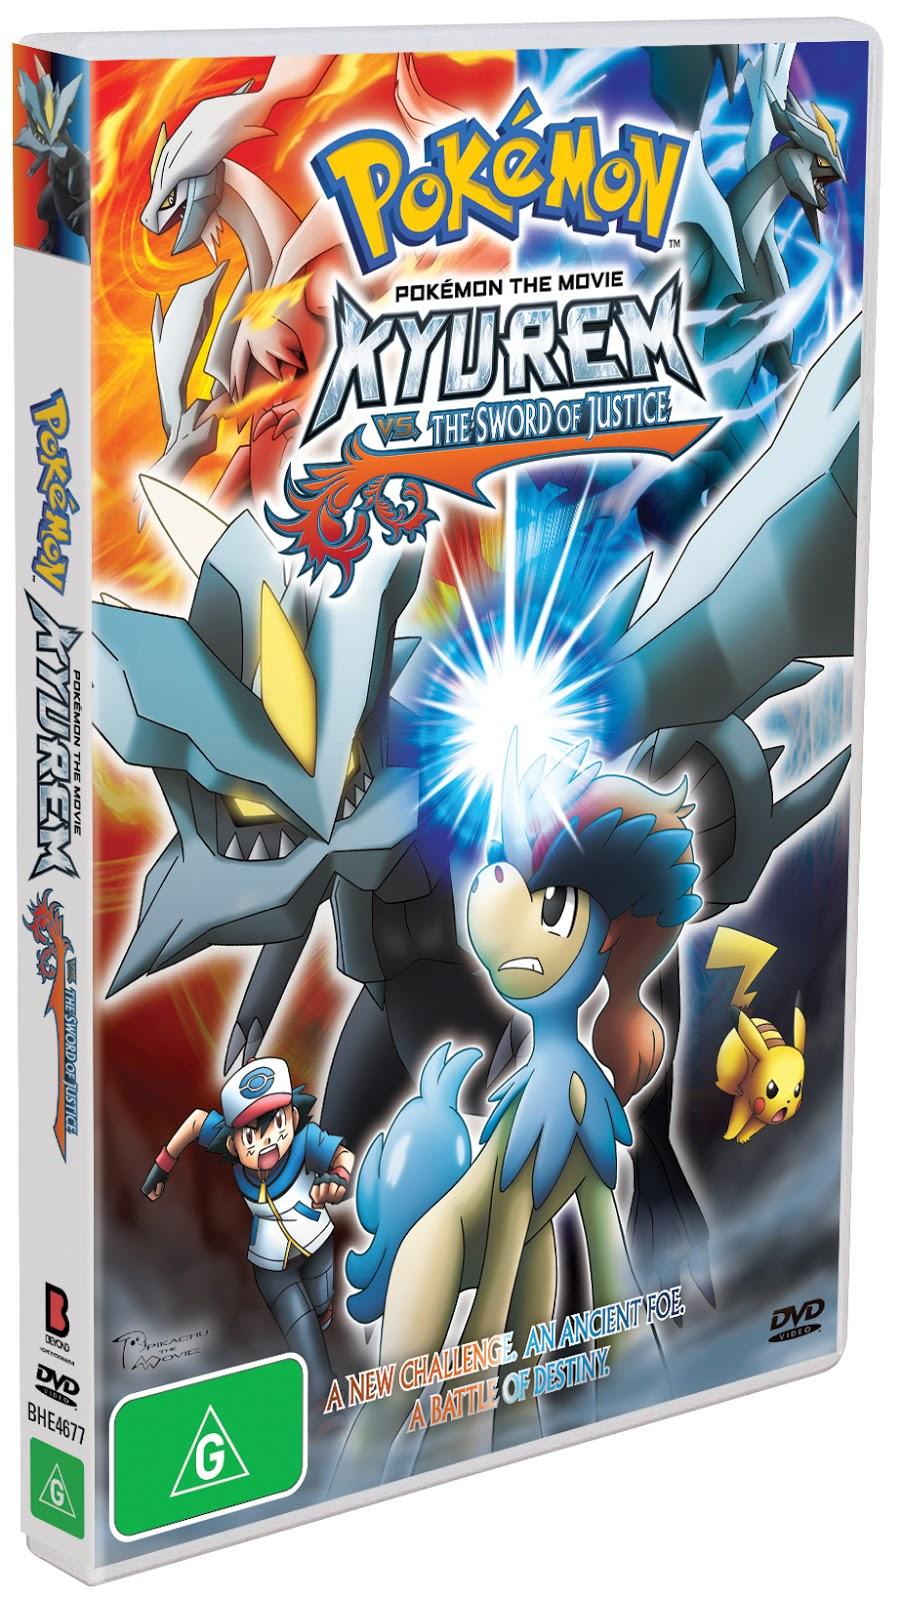 Cinema Release For Pokemon Kyurem Vs The Sword Of Justice